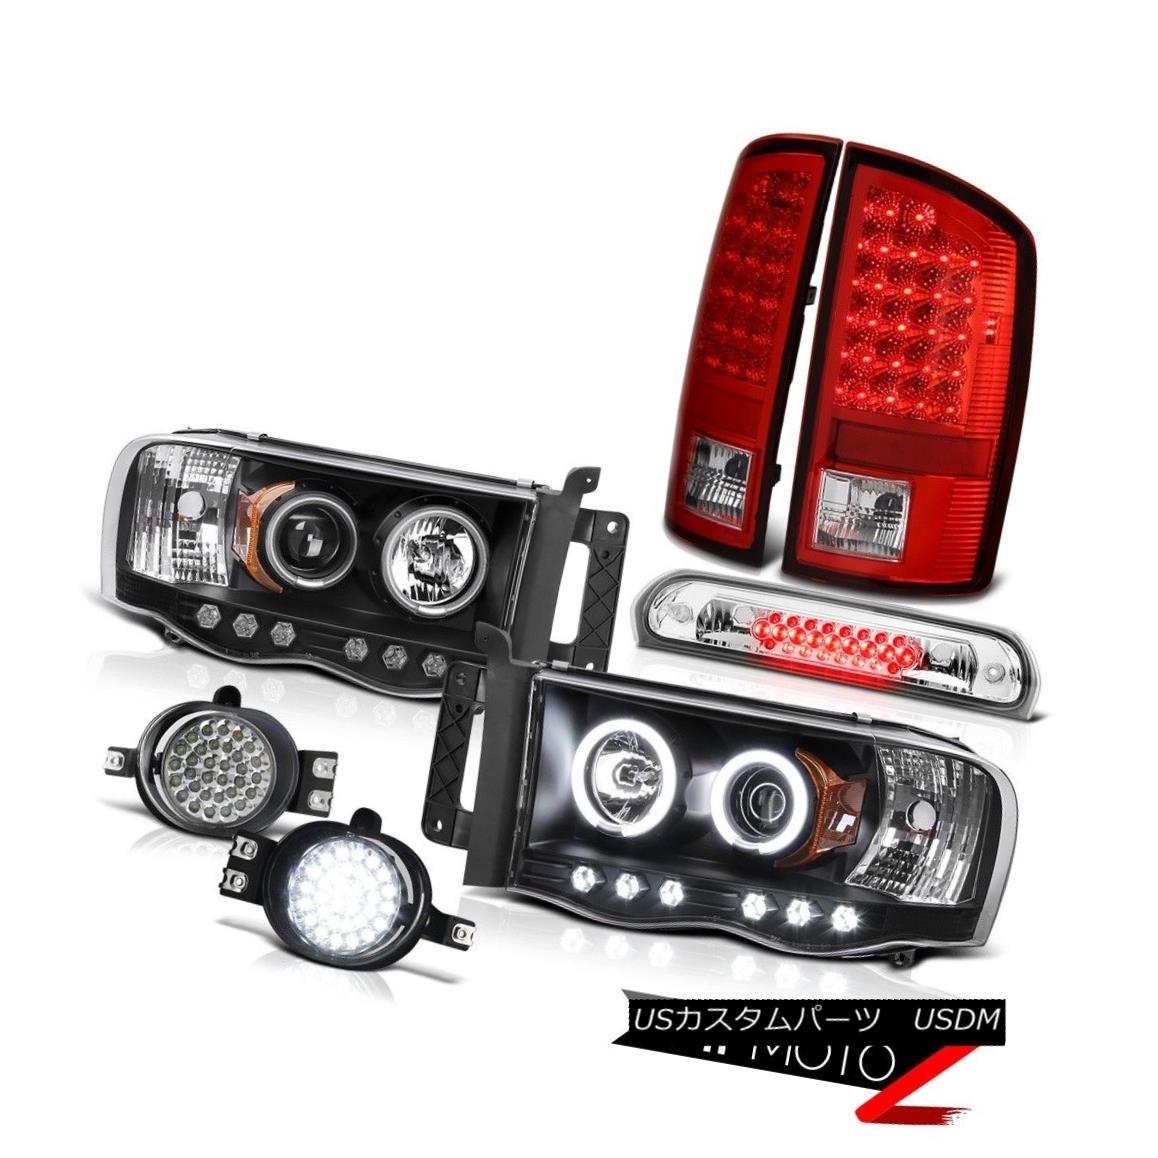 テールライト 02-05 Ram 3500 DRL CCFL Headlights Red Brake LED Tail Lights Trim Fog High Stop 02-05 Ram 3500 DRL CCFLヘッドライトレッドブレーキLEDテールライトトリムフォグハイストップ